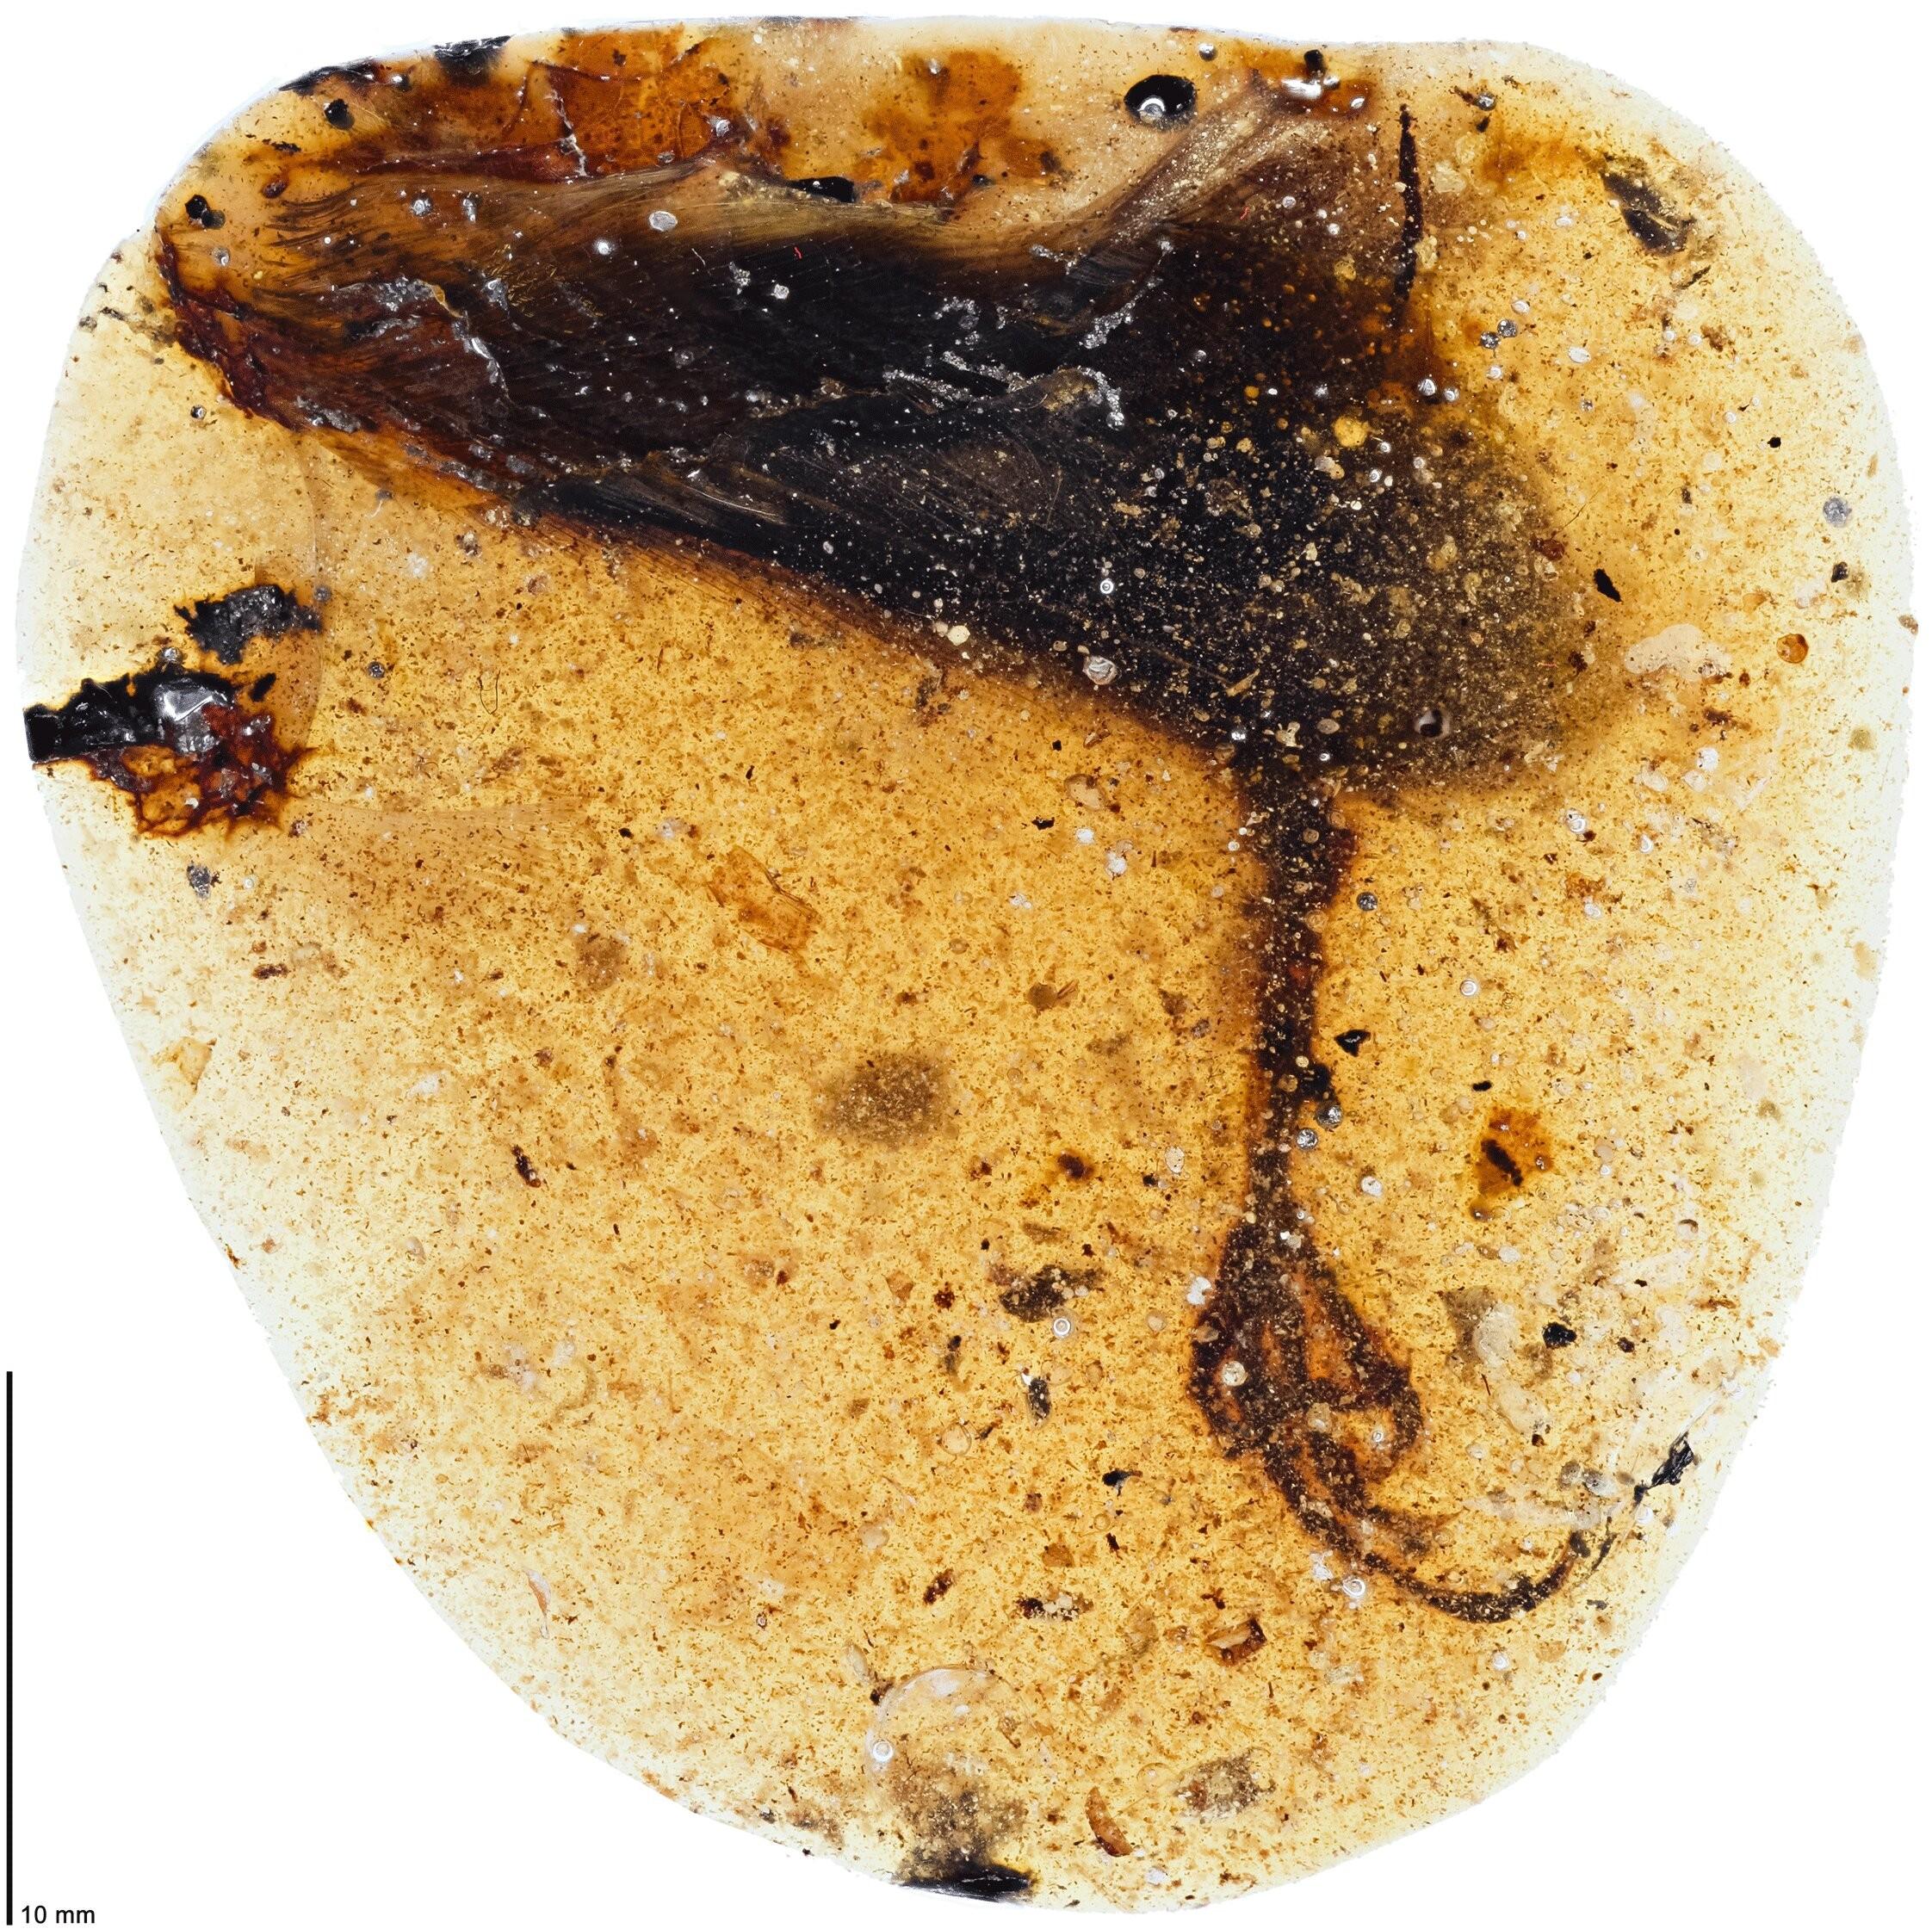 Dedo da ave era incomumente grande; neste caso media cerca de 3,5 centímetros (Foto: Lida Xing/Current Biology)